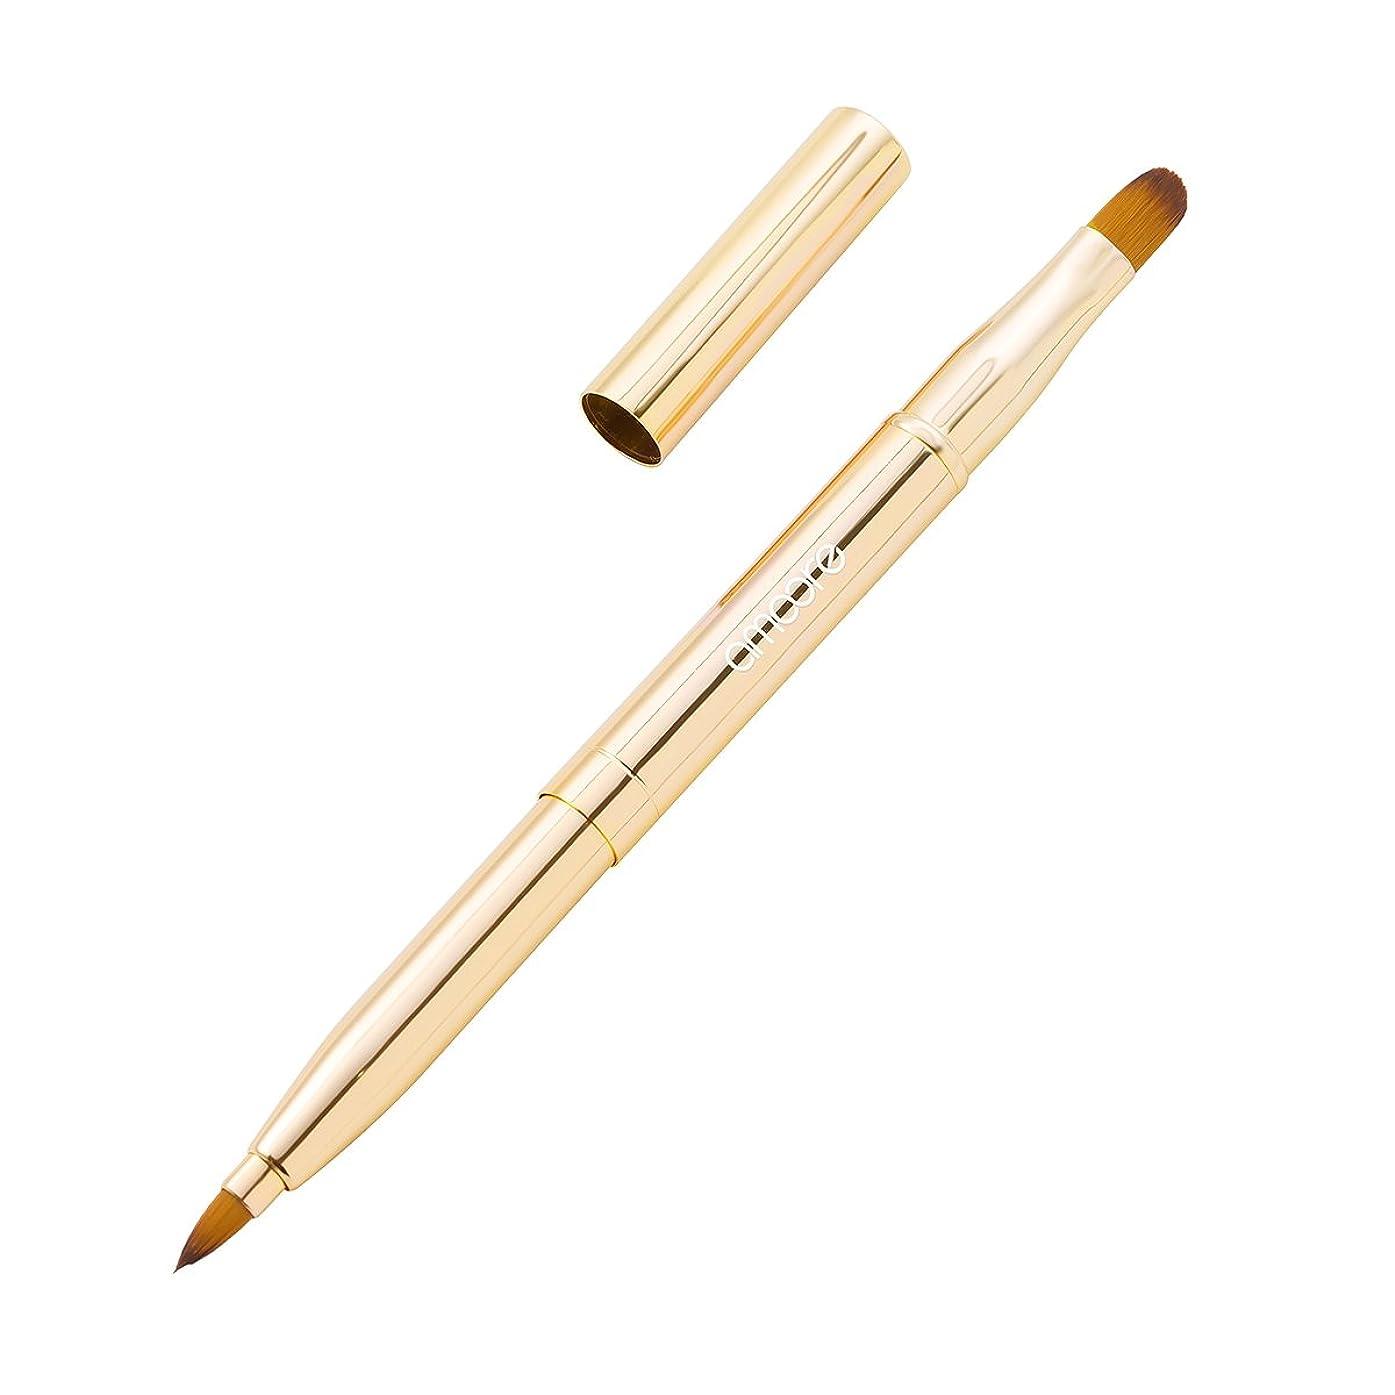 クラシカル強化するおとうさんamoore リップブラシ アイシャドウブラシ コンシーラーブラシ 3in1 伸縮可能 持ち運び便利 (ゴールド)